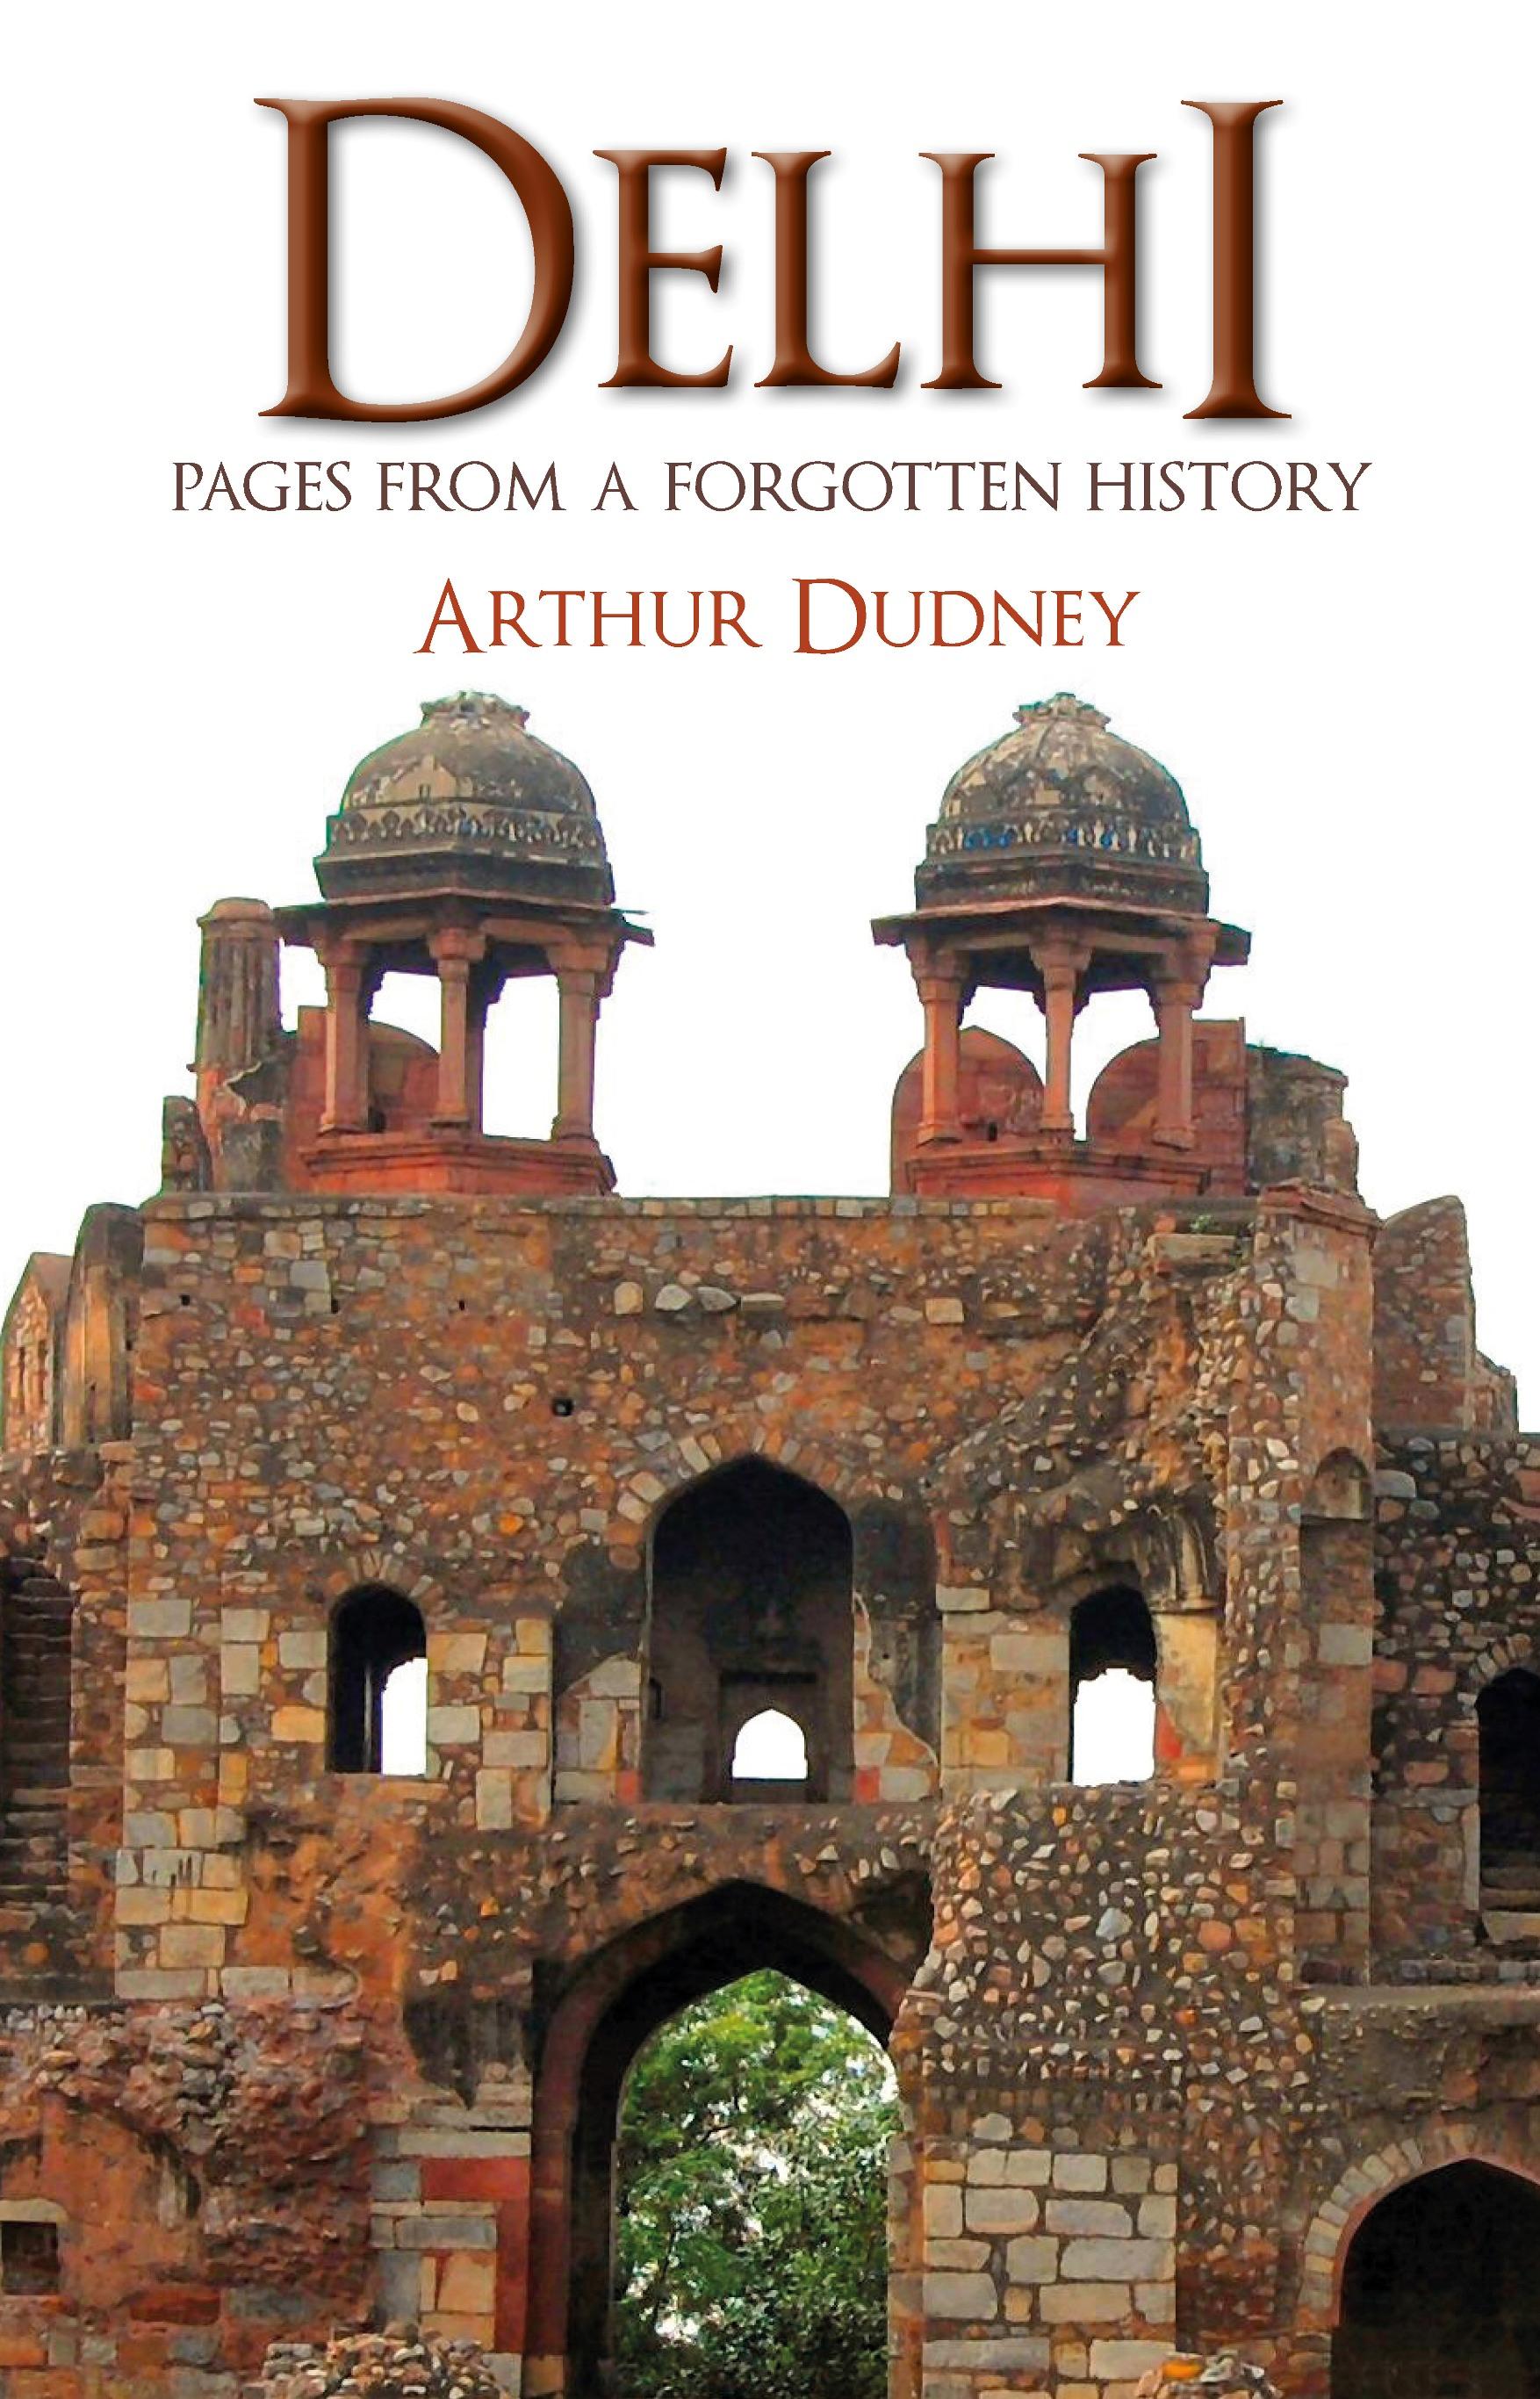 Delhi book cover